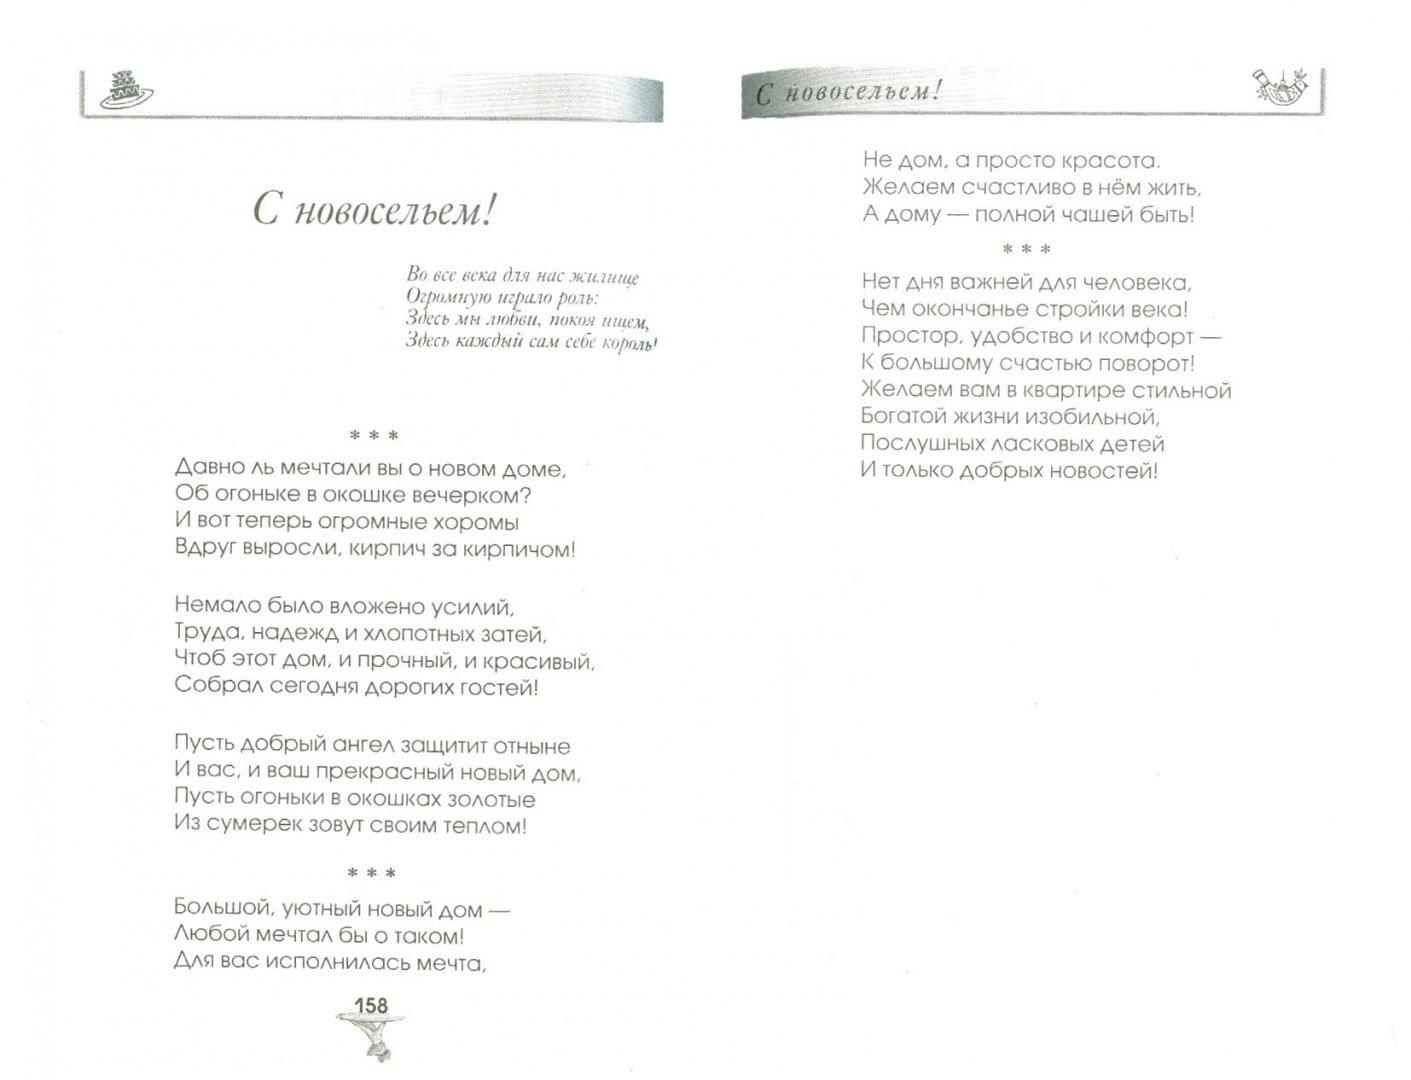 Иллюстрация 1 из 16 для Душевные поздравления в стихах на все случаи жизни. Книга праздничного настроения - Светлана Зернес | Лабиринт - книги. Источник: Лабиринт